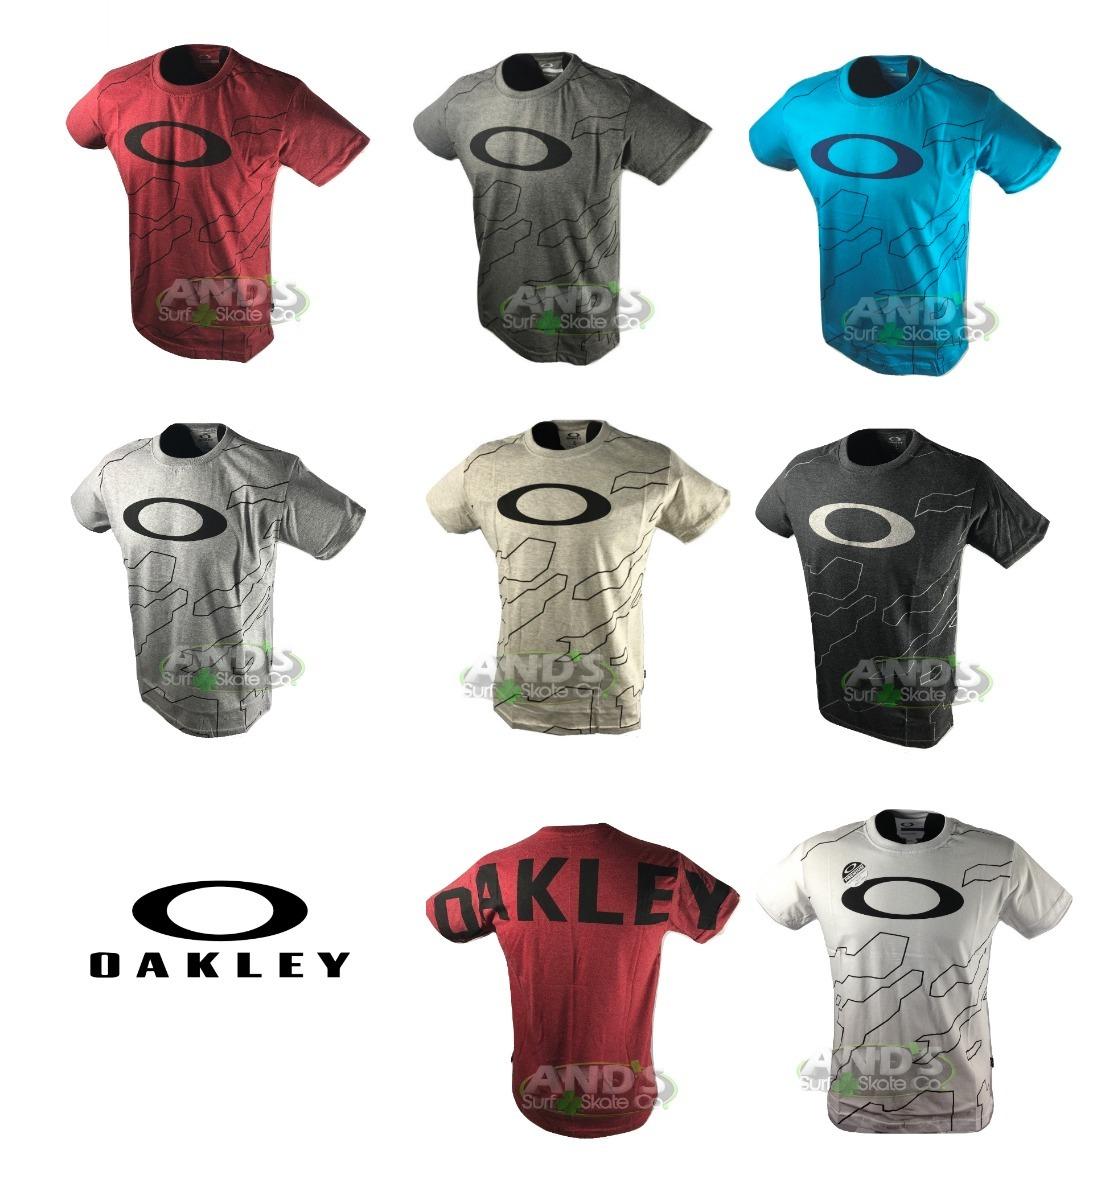 kit 10 camisetas 100% algodão oakley lost mcd hurley atacado. Carregando  zoom. 979bbeaa6cd